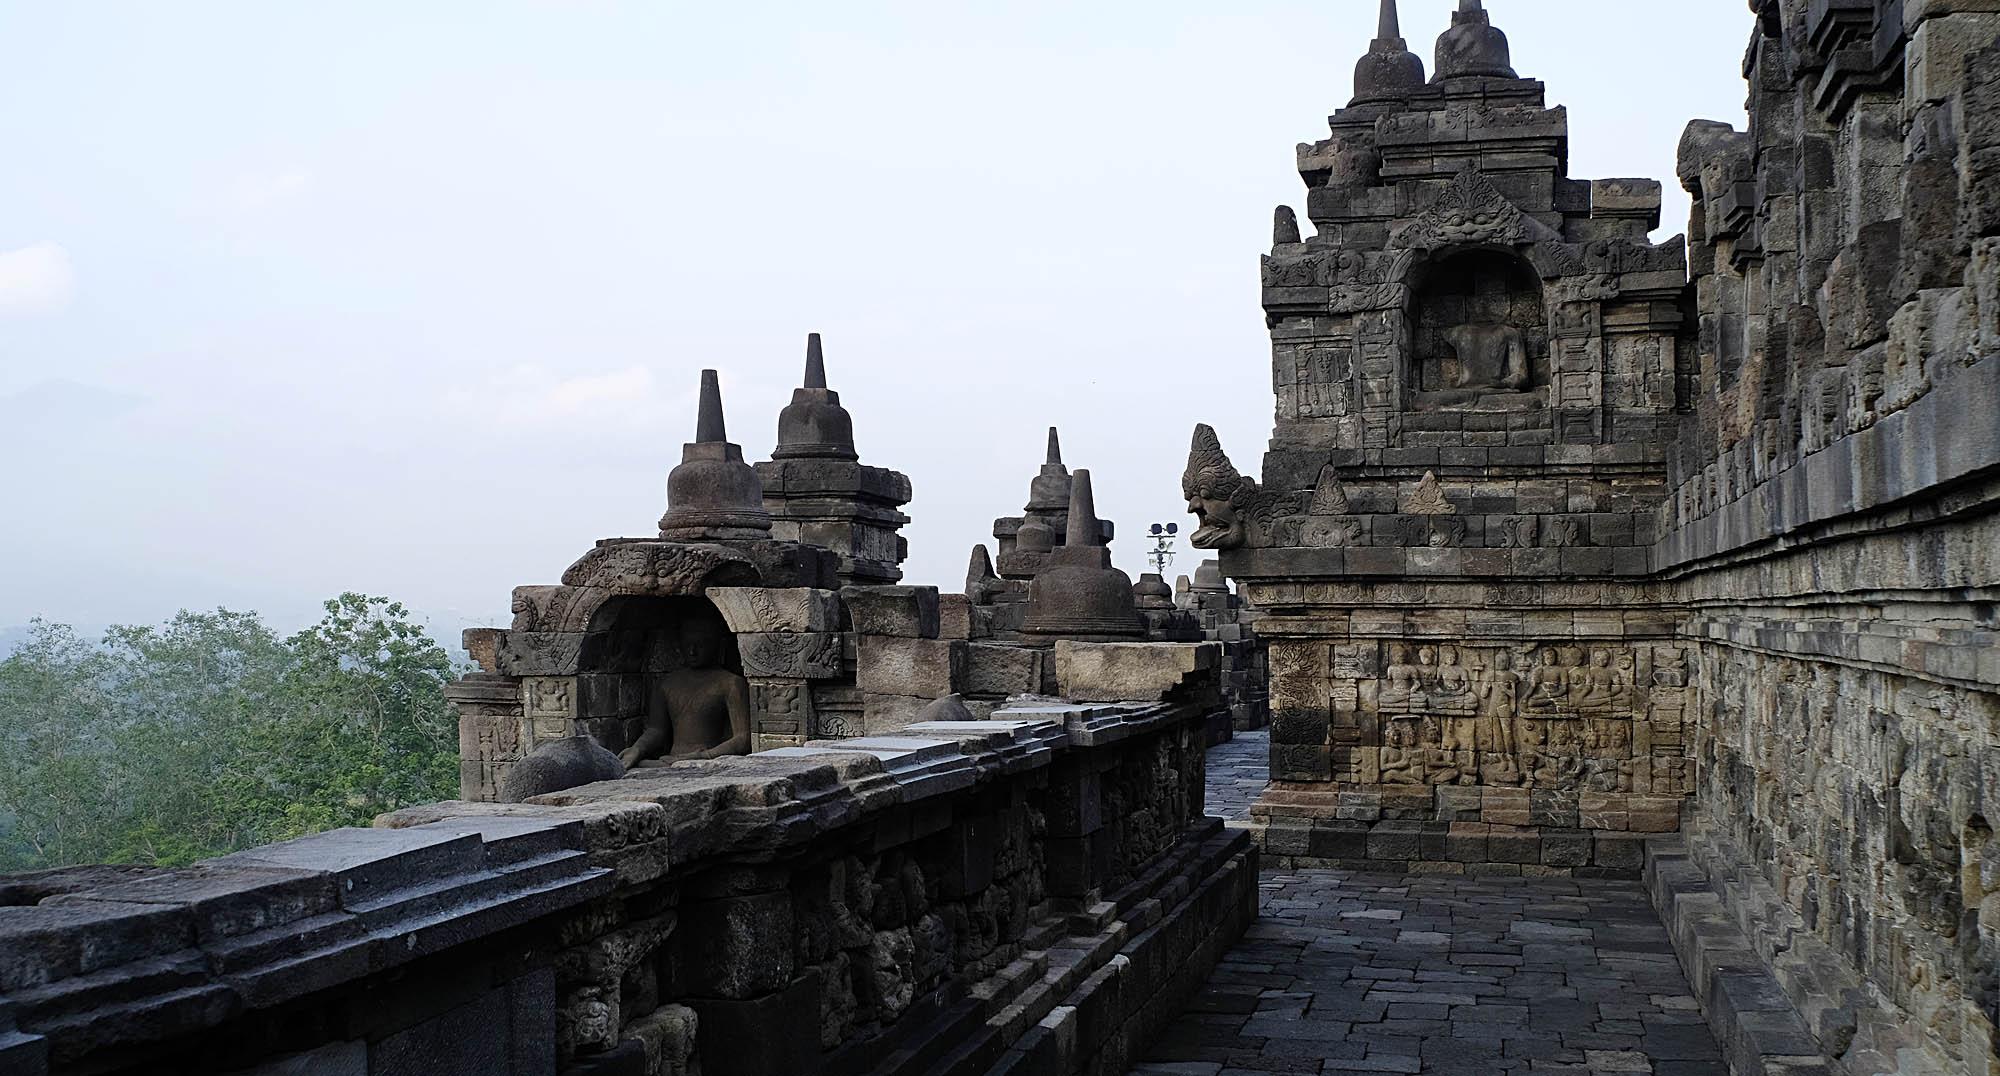 reise-ansichten Borobudur Relief